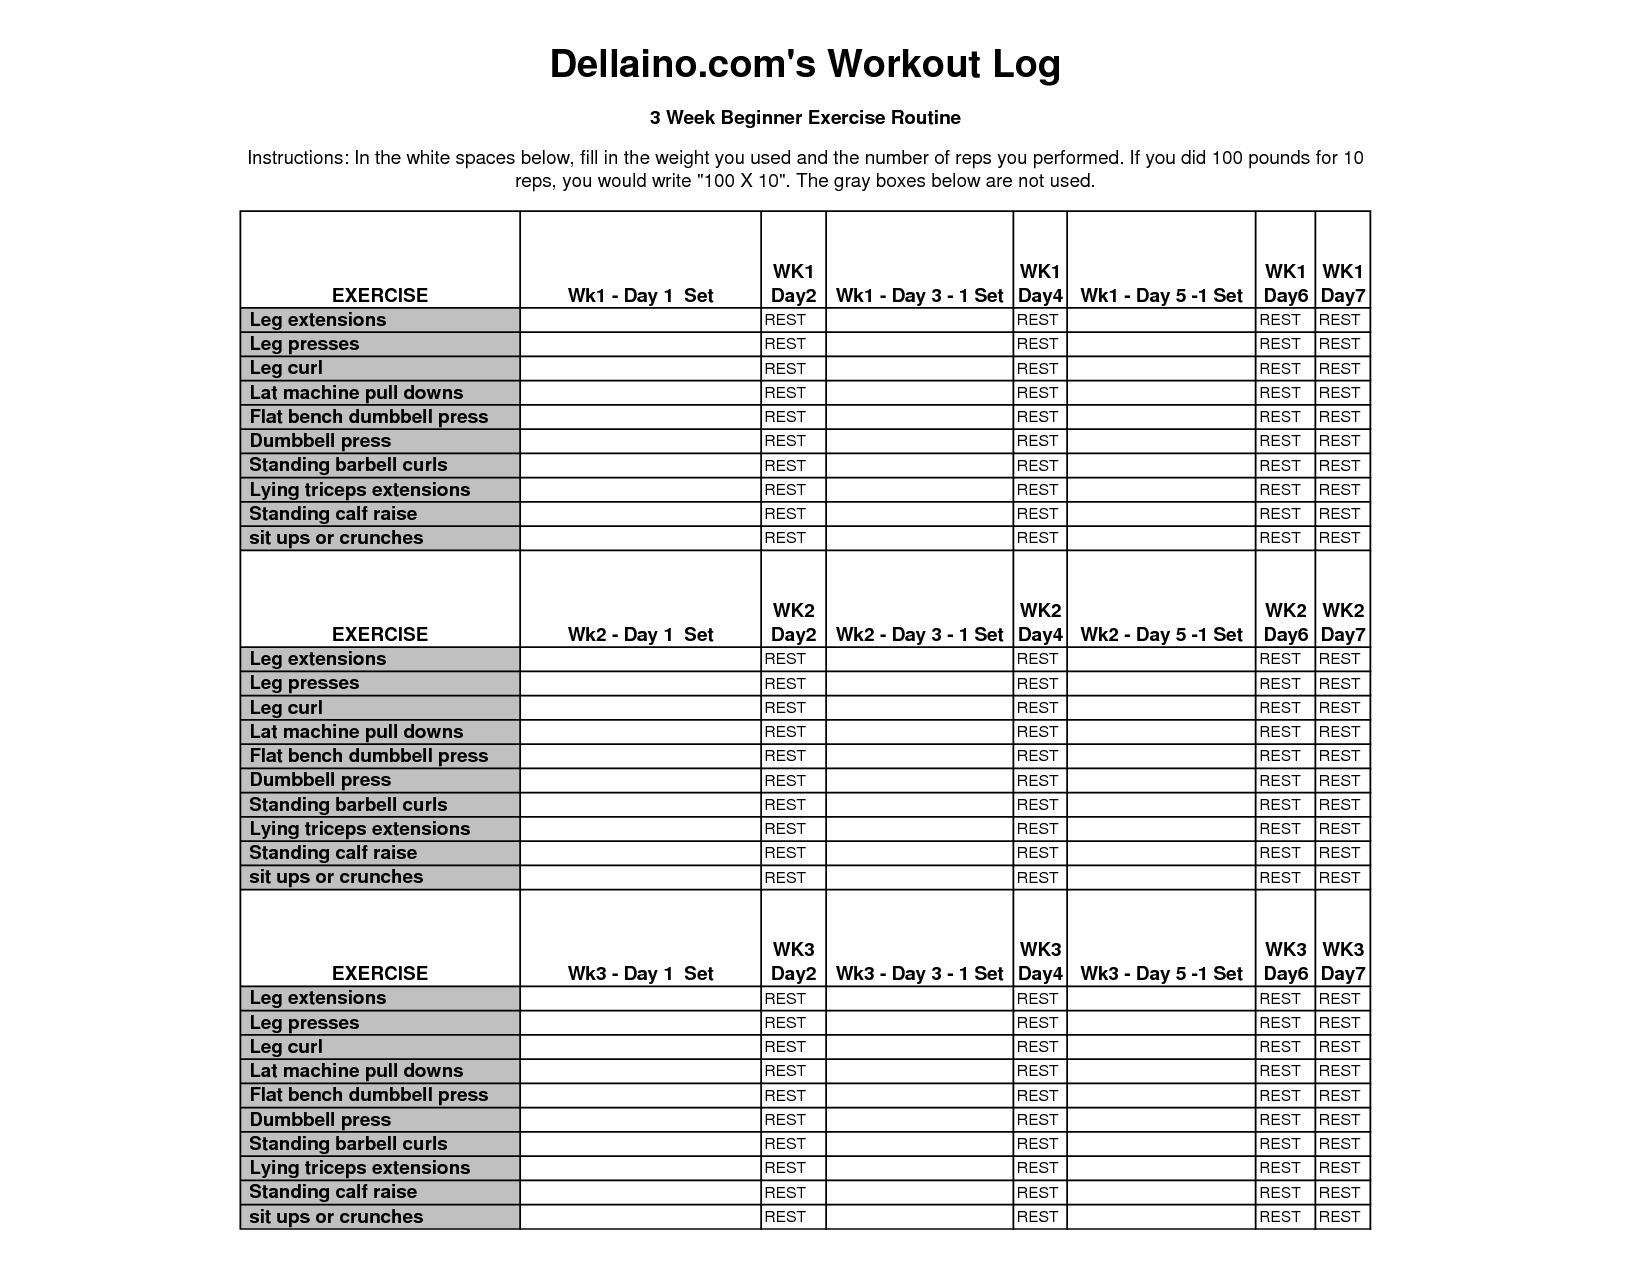 Bodybuilding Com S Workout Log Excel